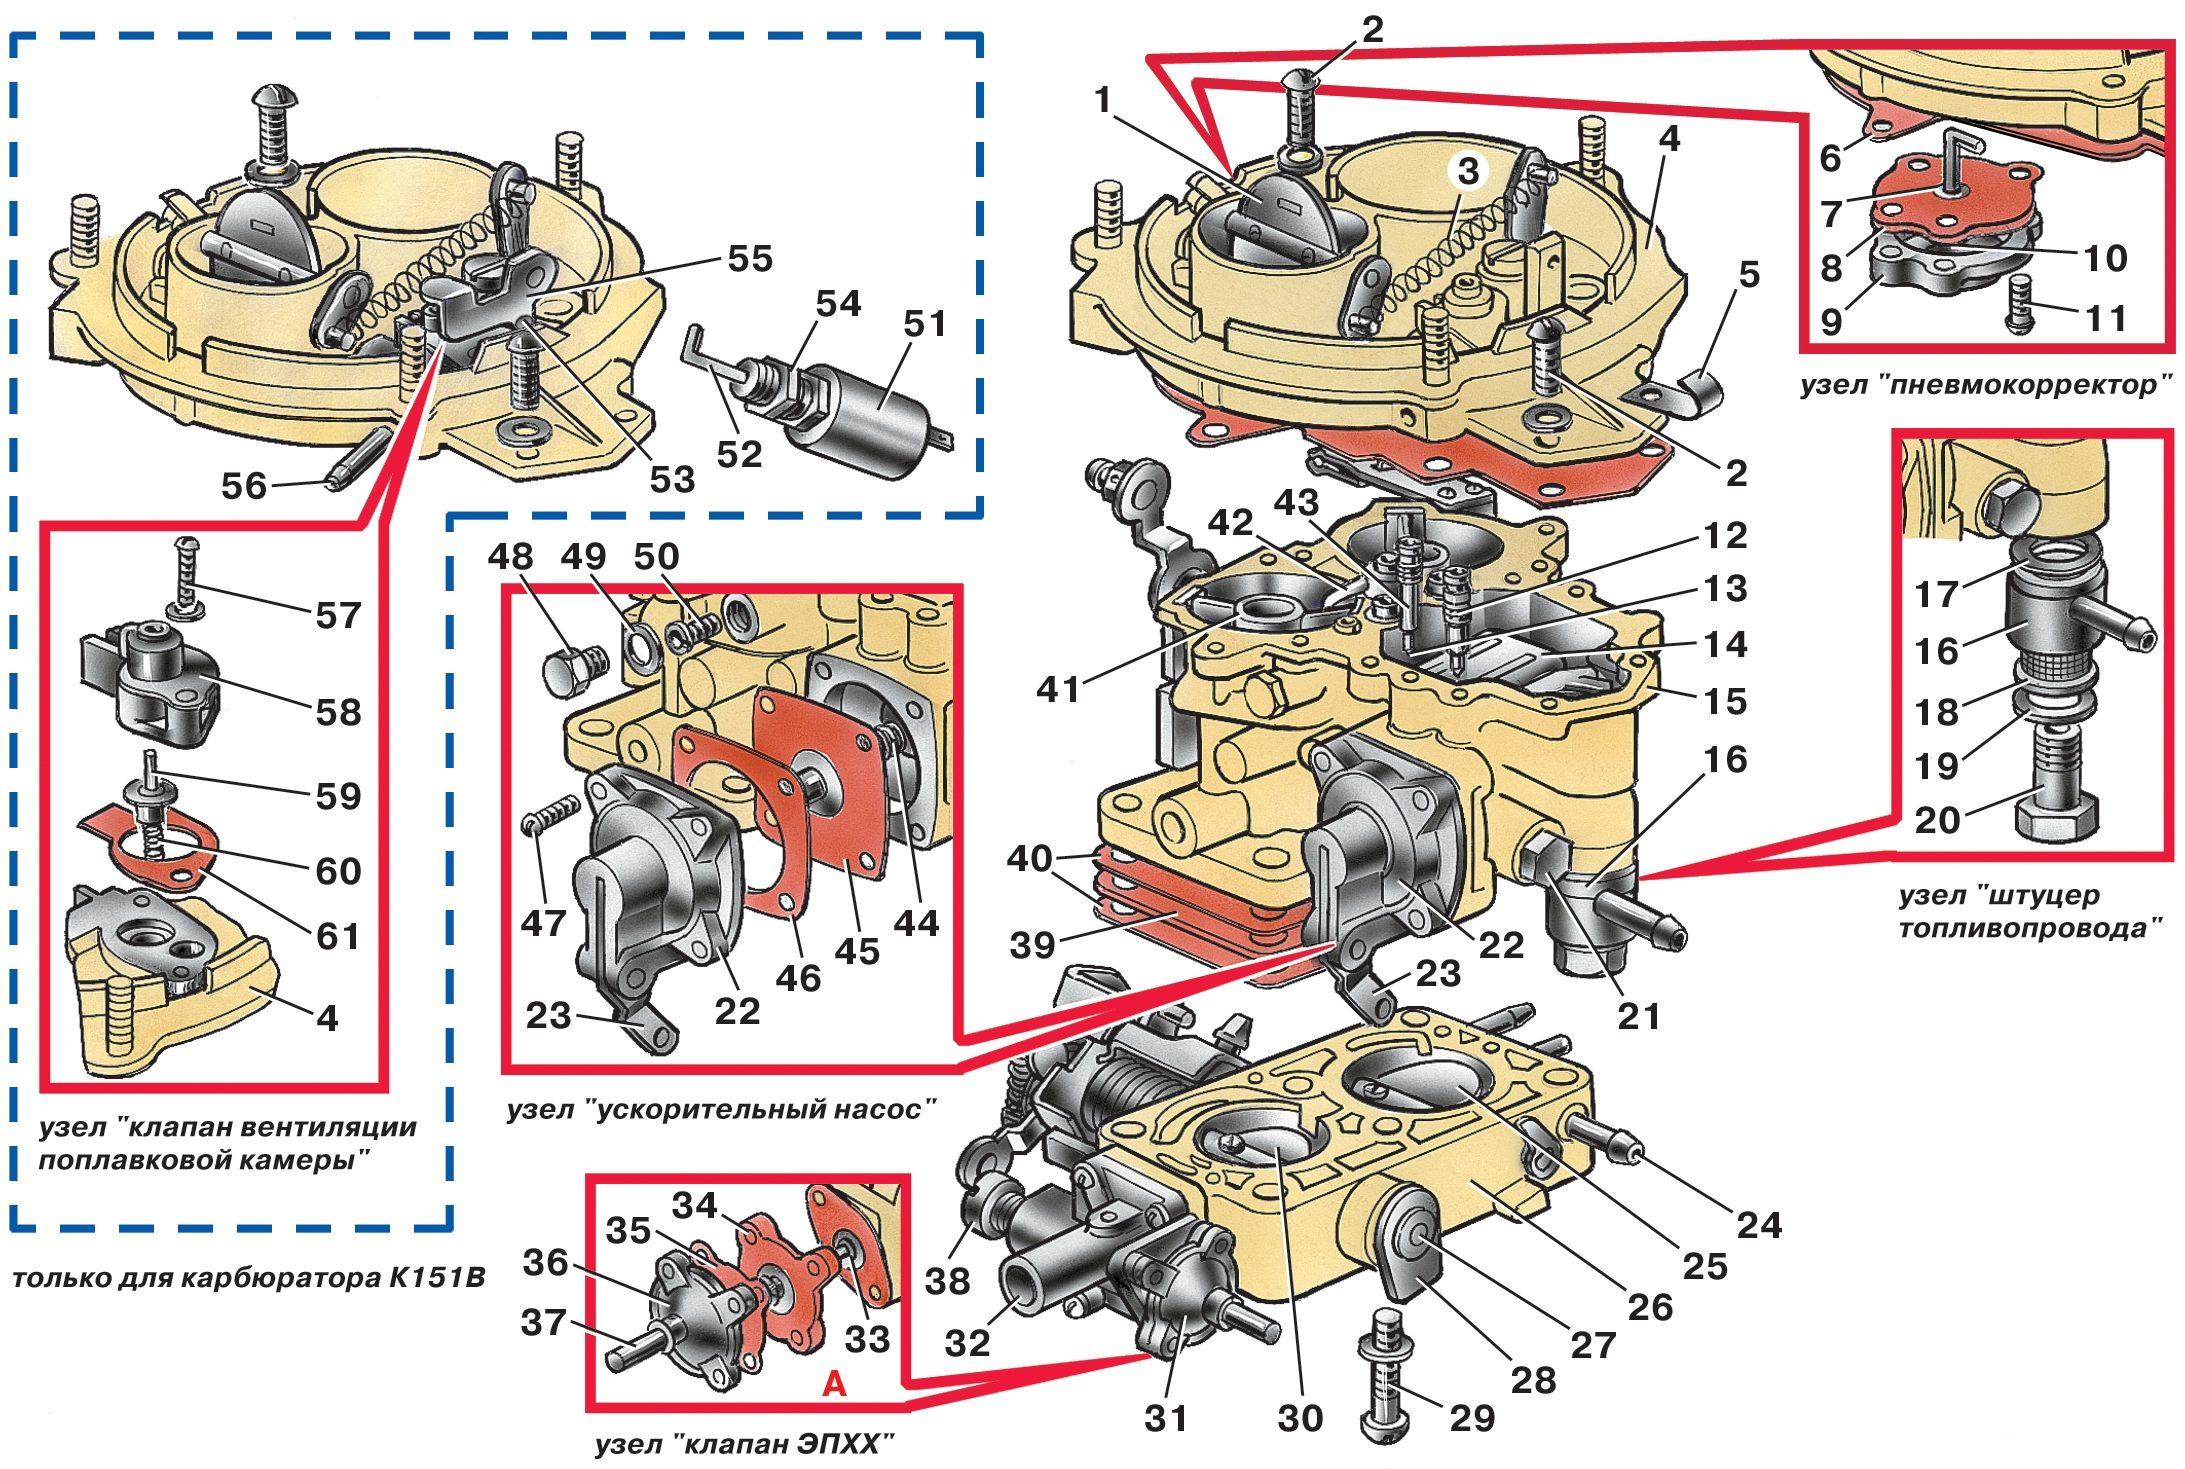 Карбюратор К151 - вертикальный, с падающим потоком, сбалансированной поплавковой камерой, имеет две последовательно...